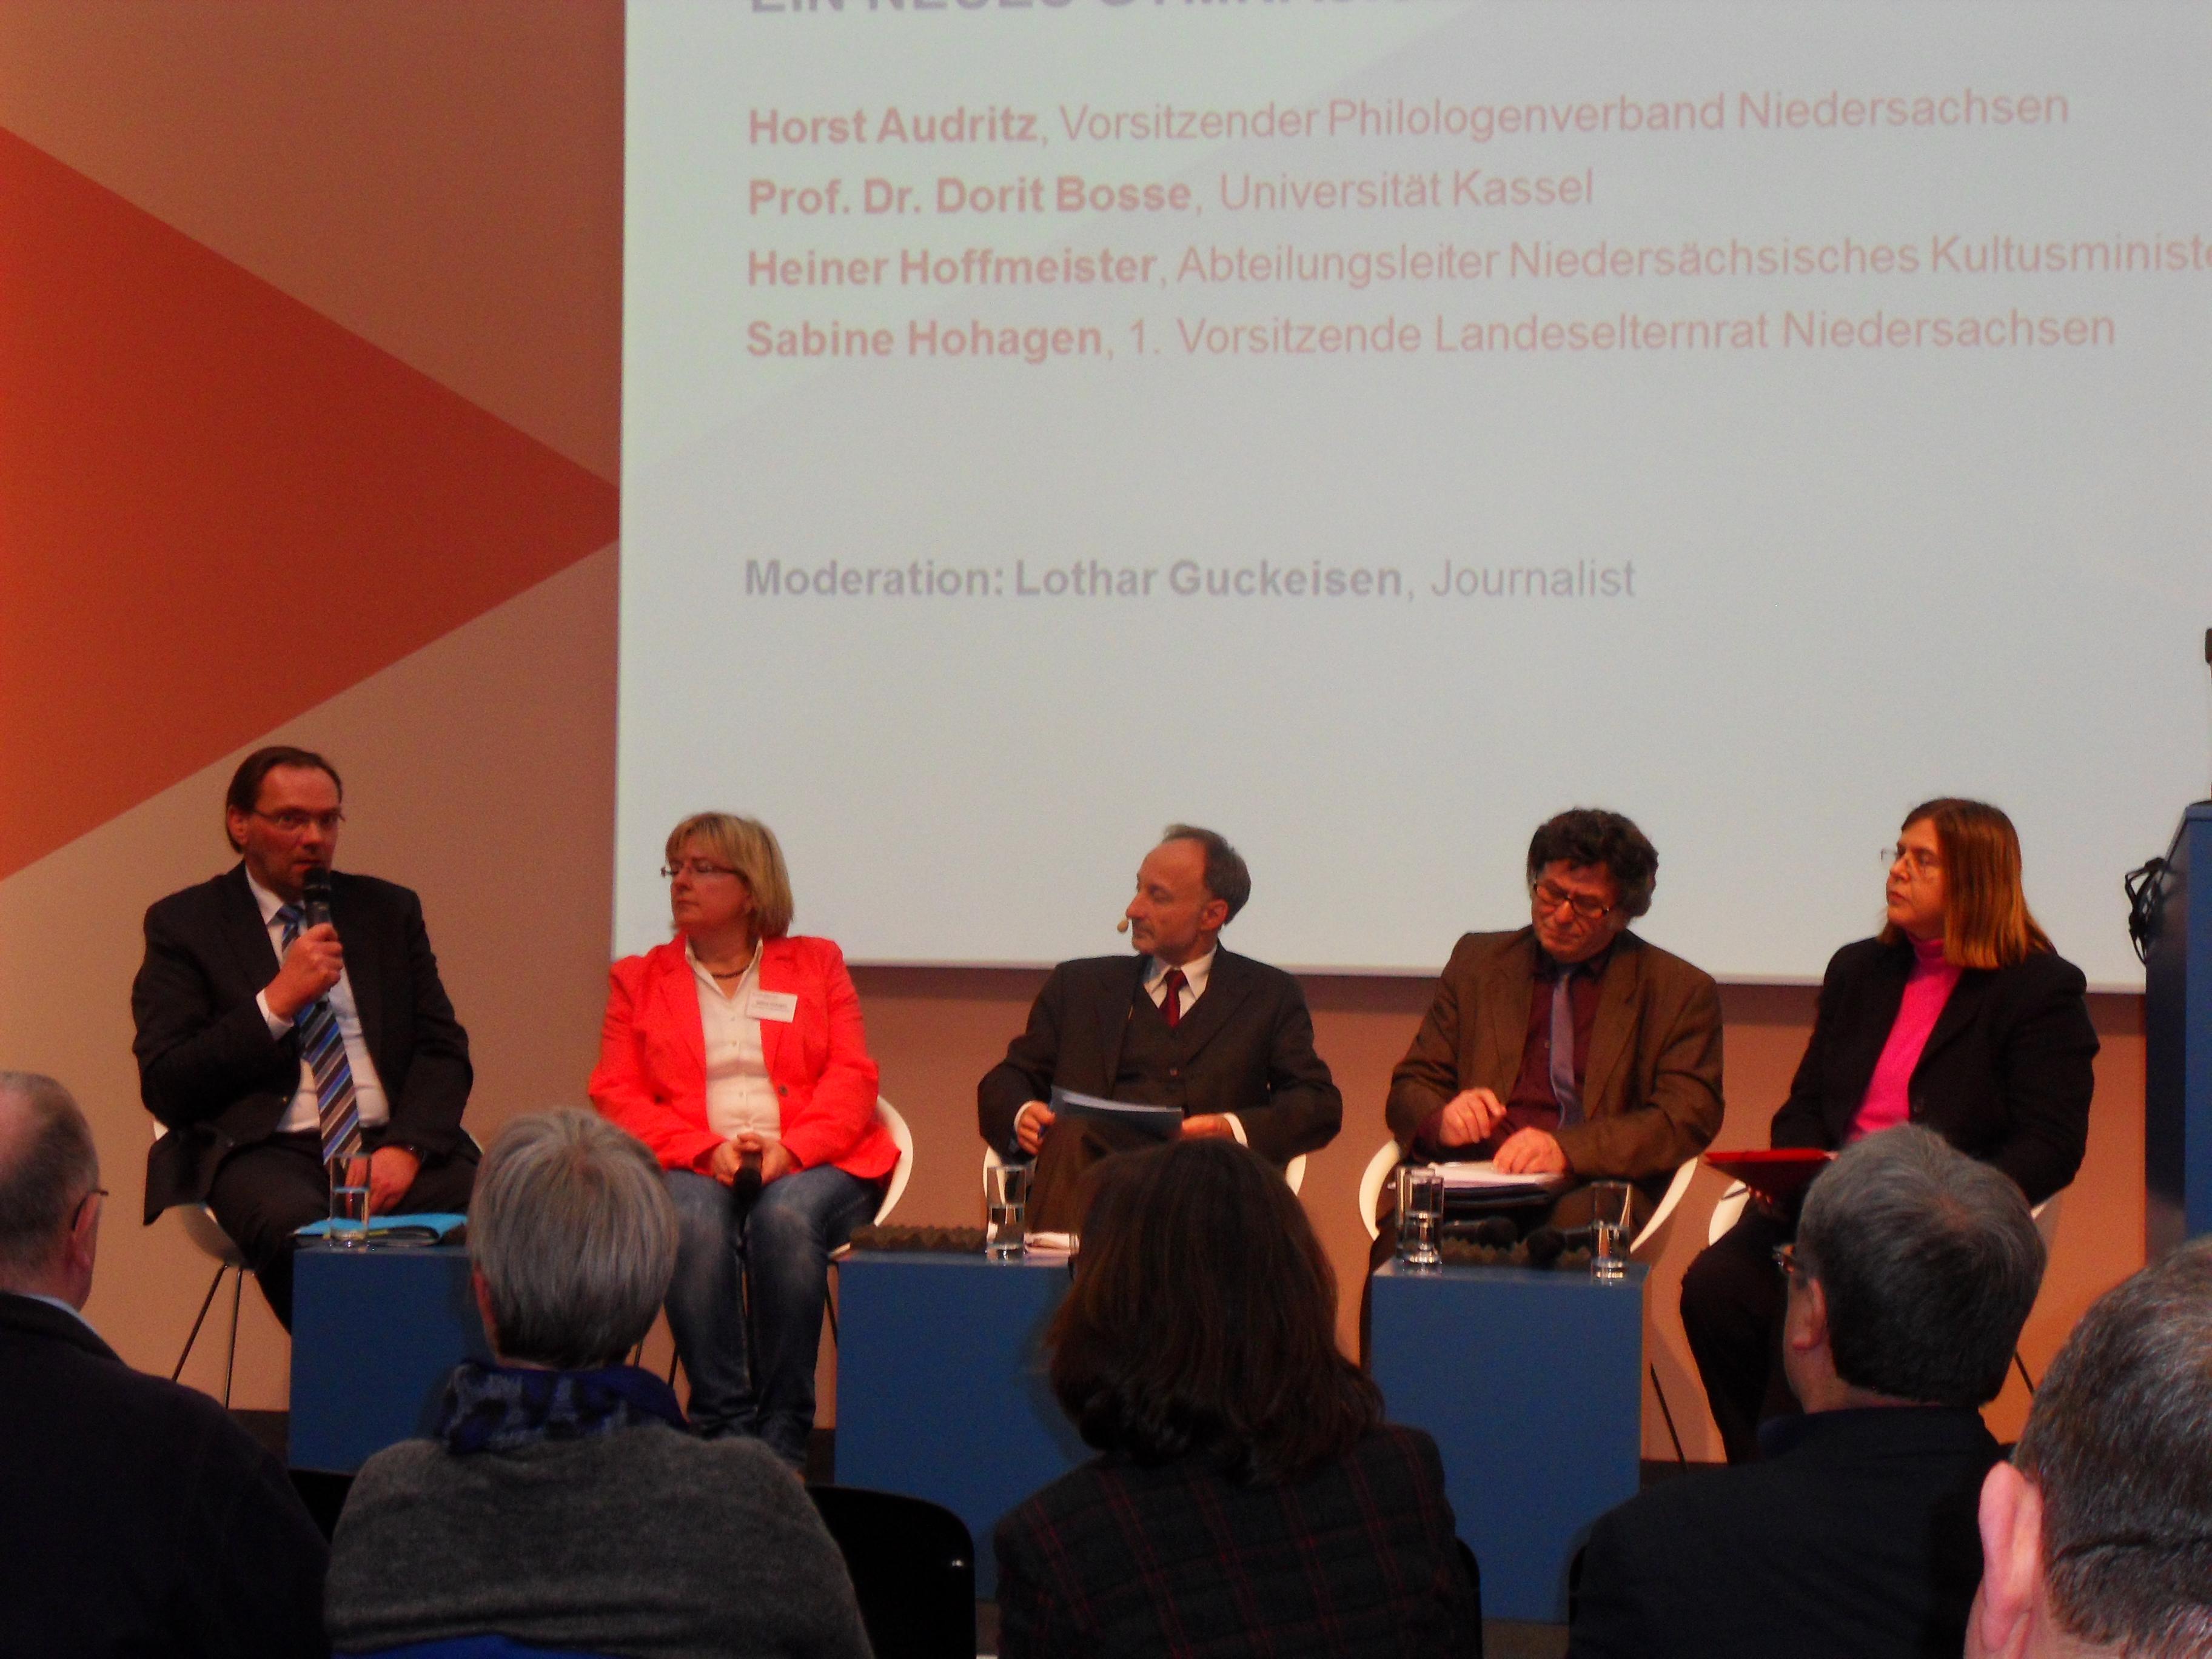 Die Podiumsteilnehmer Hoffmeister, Hohagen, Moderator Guckeisen, Audritz und Bosse. (Foto: Nin)